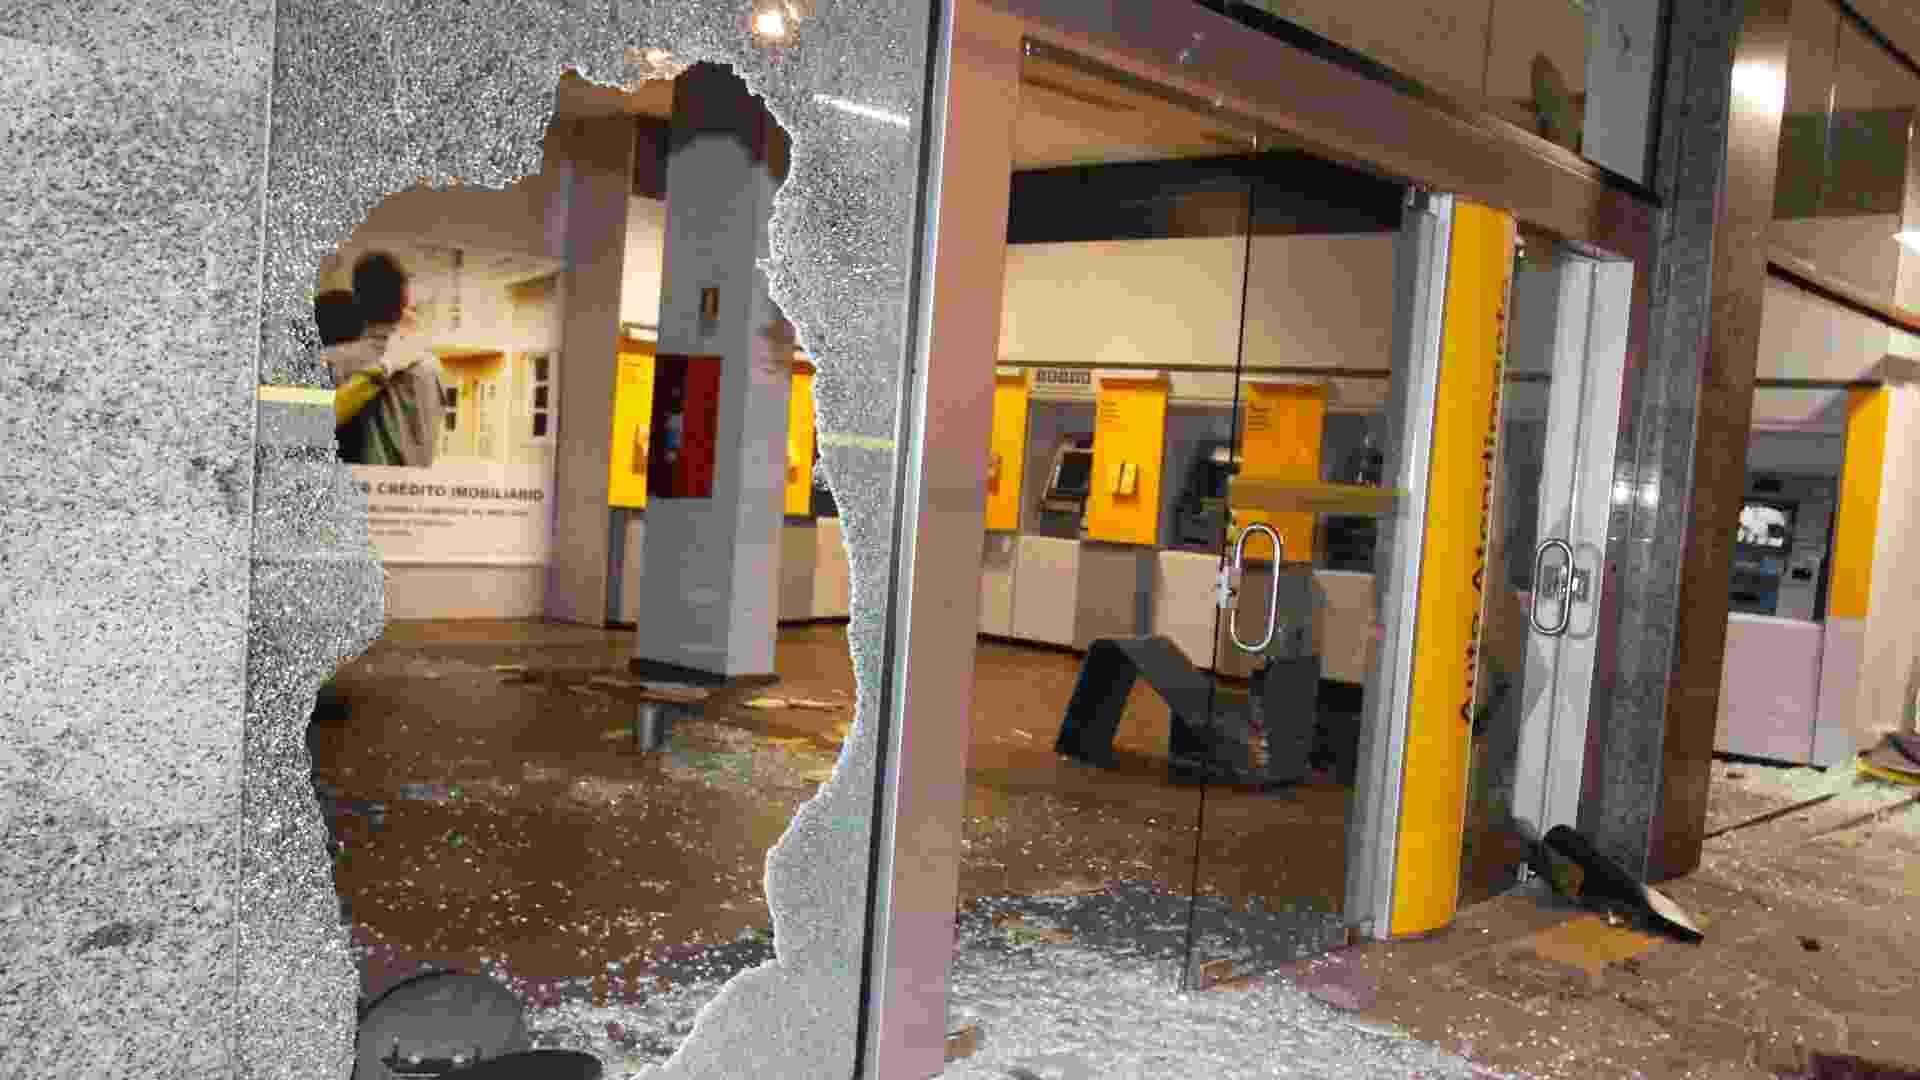 25.jun.2013 - Agência bancária de Porto Alegre foi alvo de depredações durante protesto realizado nesta segunda-feira (24). Caixas eletrônicos foram destruídos e vidros foram quebrados - Itamar Aguiar/Futura Press